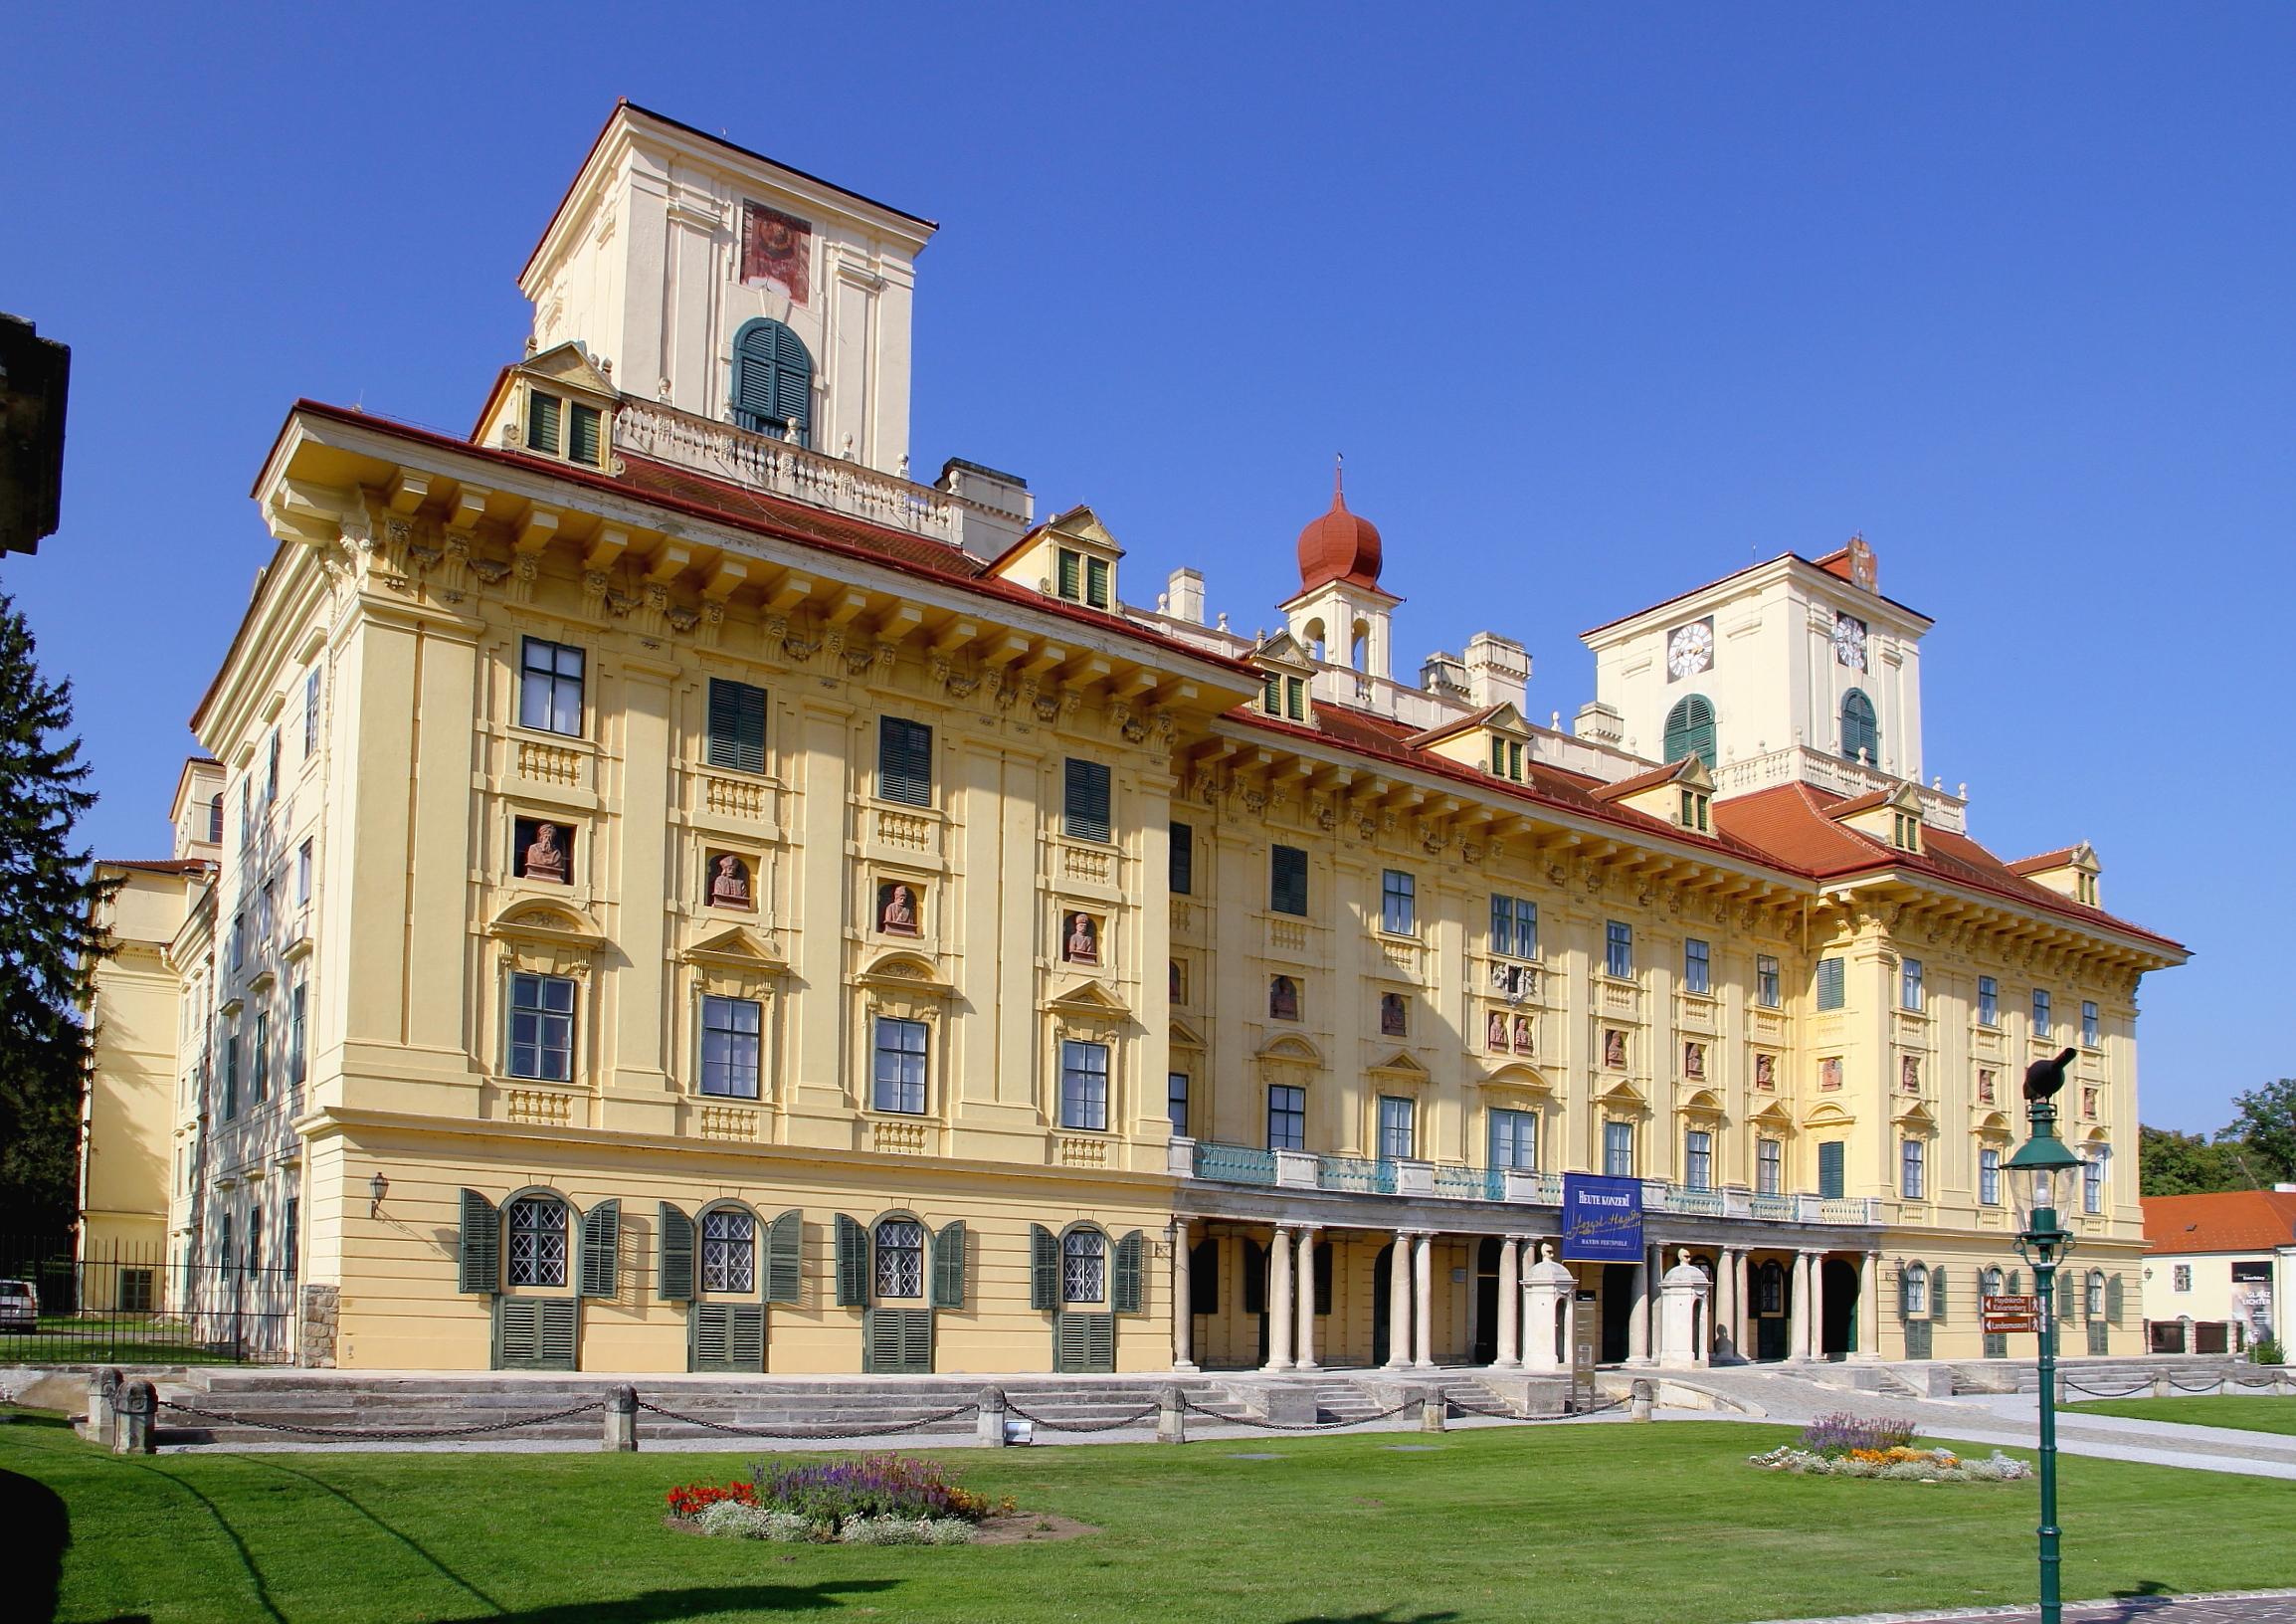 File:Eisenstadt - Schloss Esterhazy.JPG - Wikimedia Commons